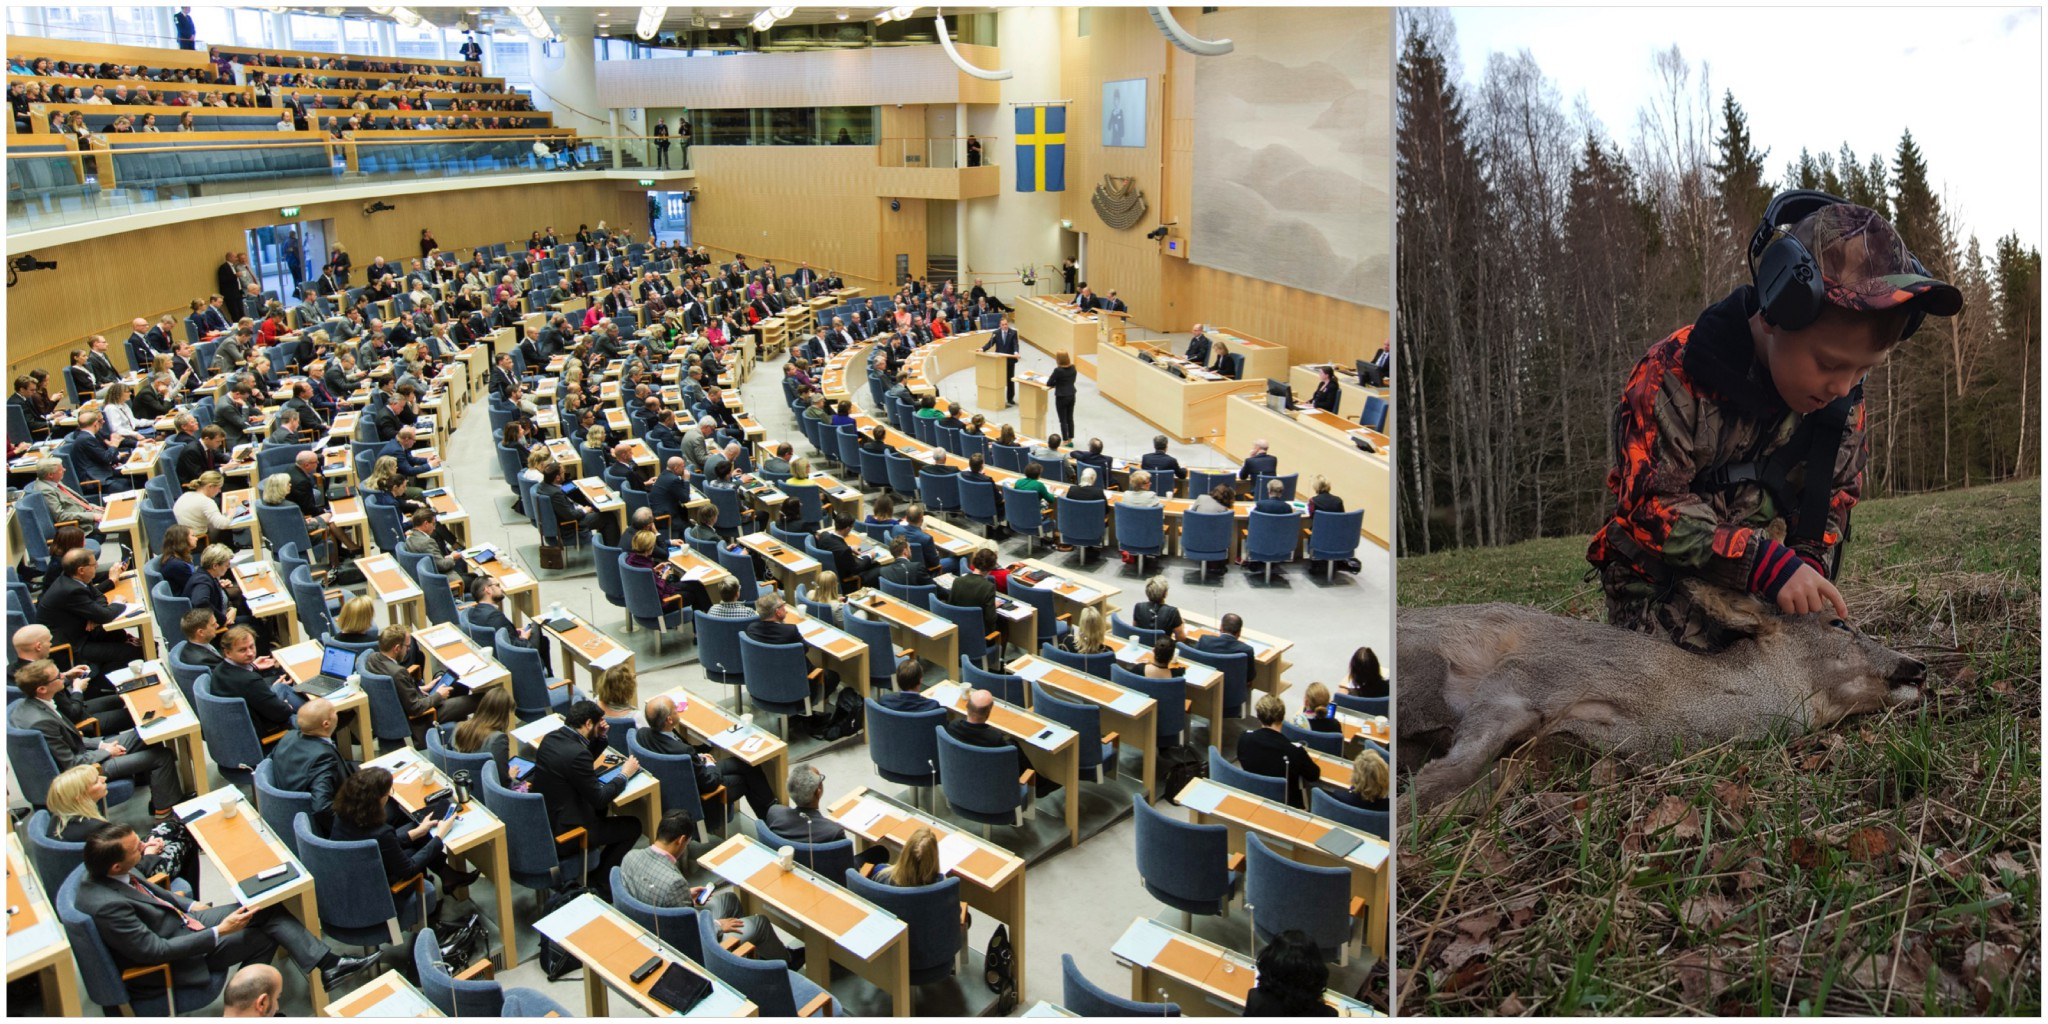 Jaktfrågorna är avgörande i valet till riksdagen. Det har 40 procent av de svarande uppgett. Foto: Melker Dahlstrand samt Olle Olsson